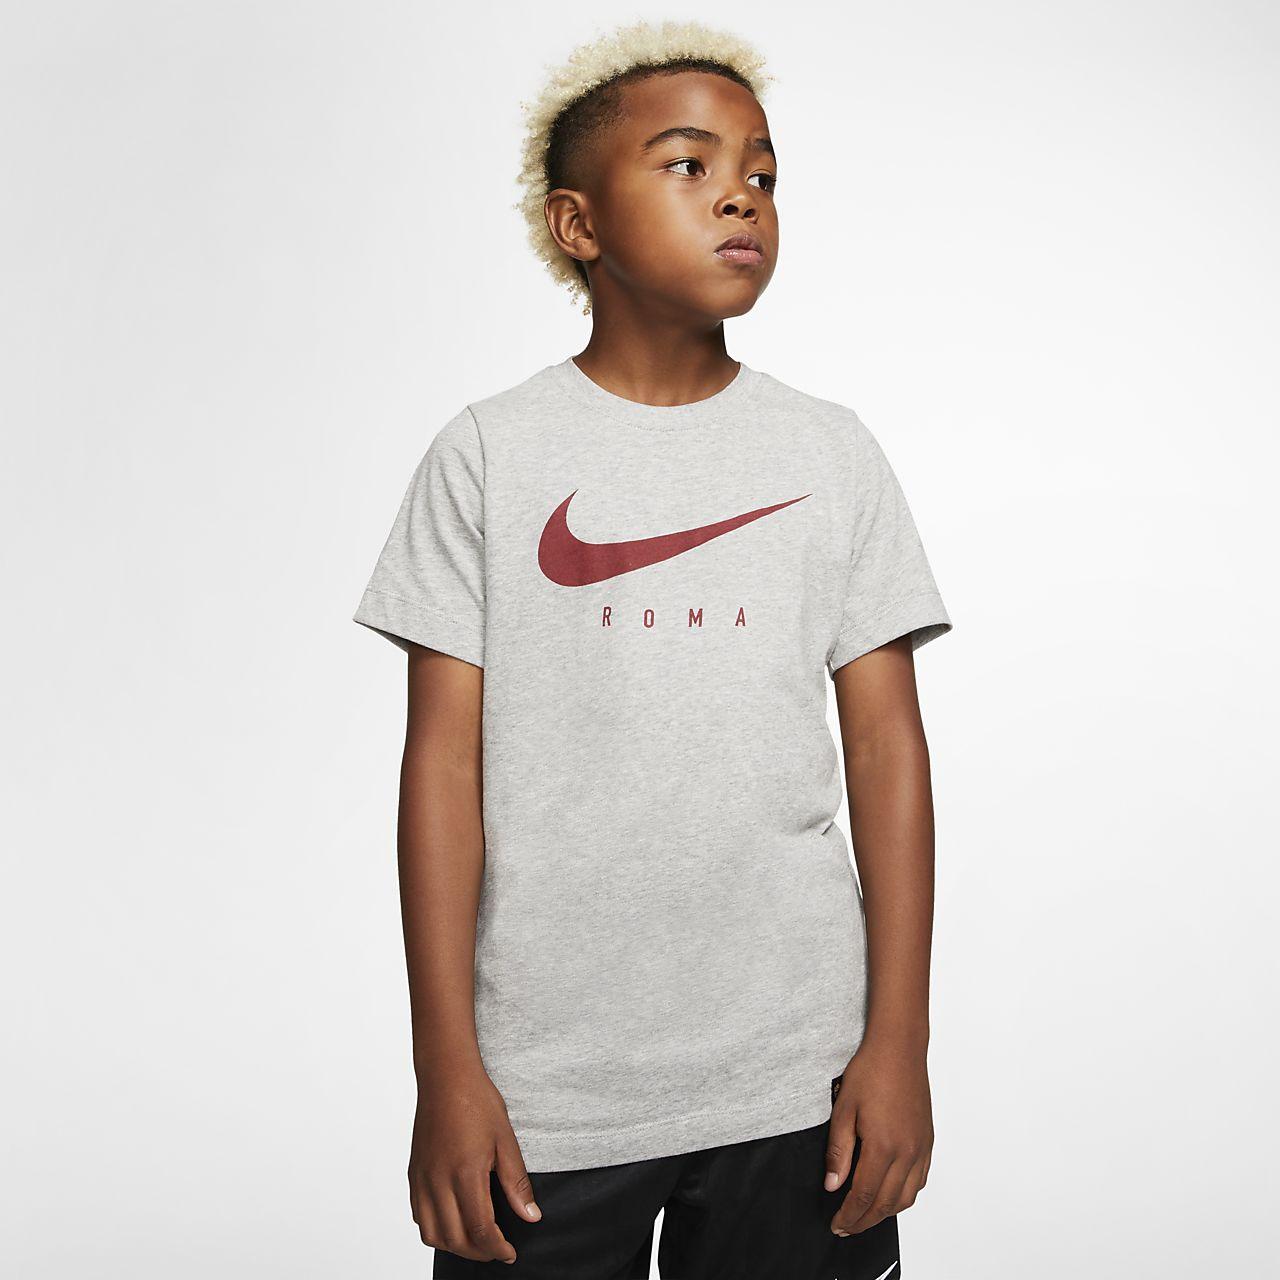 319b22e0 Nike Dri-FIT A.S. Roma fotball-t-skjorte til store barn. Nike.com NO